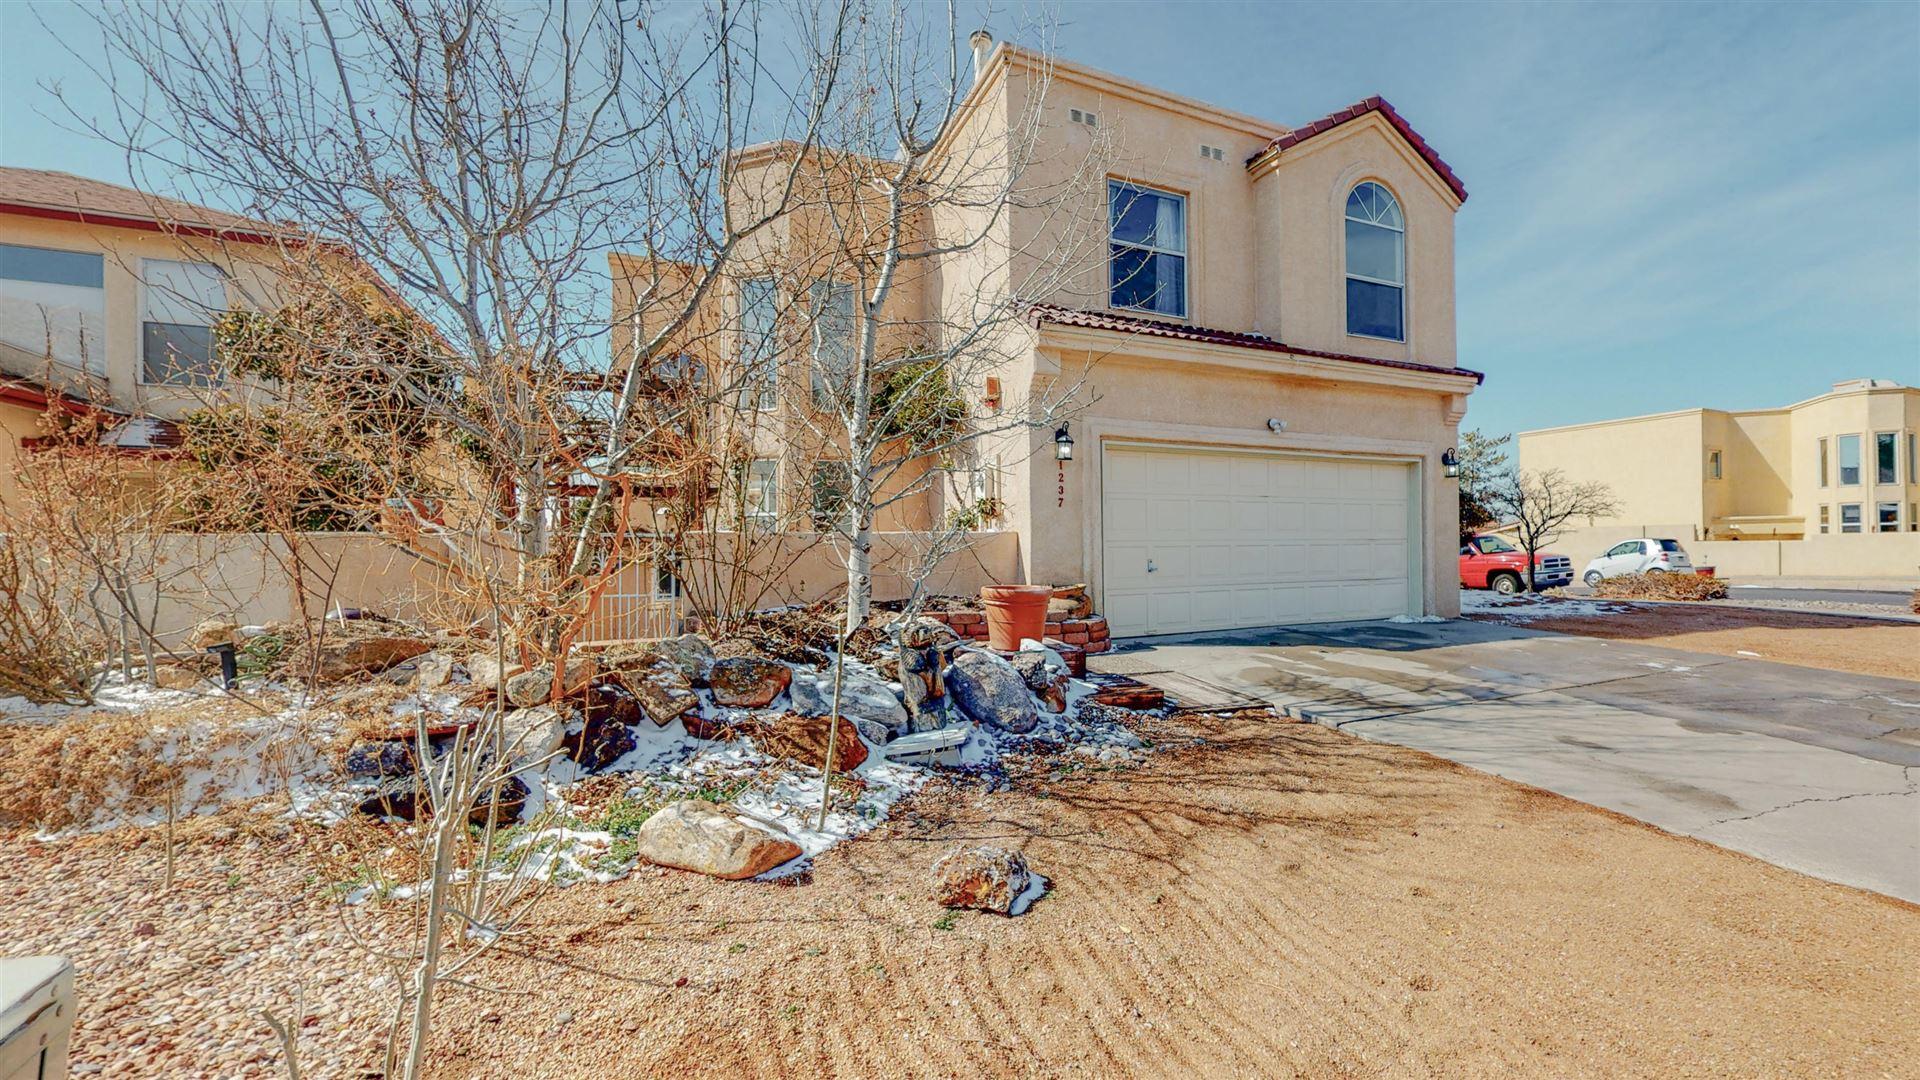 1237 MONTE VERDE Drive NE, Albuquerque, NM 87112 - MLS#: 985145